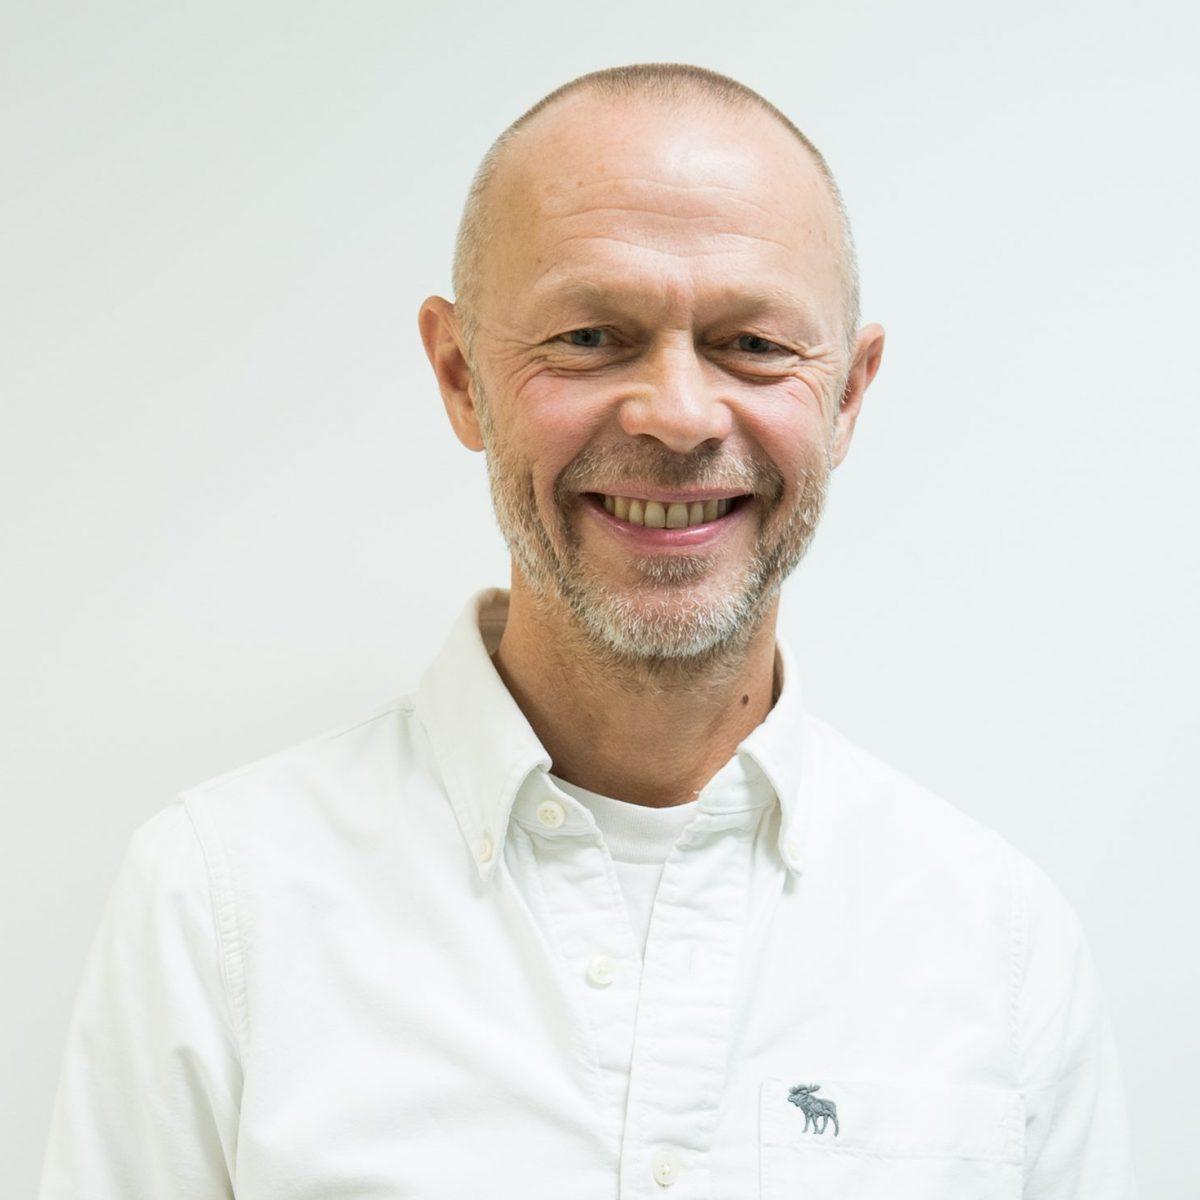 Byrålederne –  Børre Sunde, IUM/Mediabrands Norway